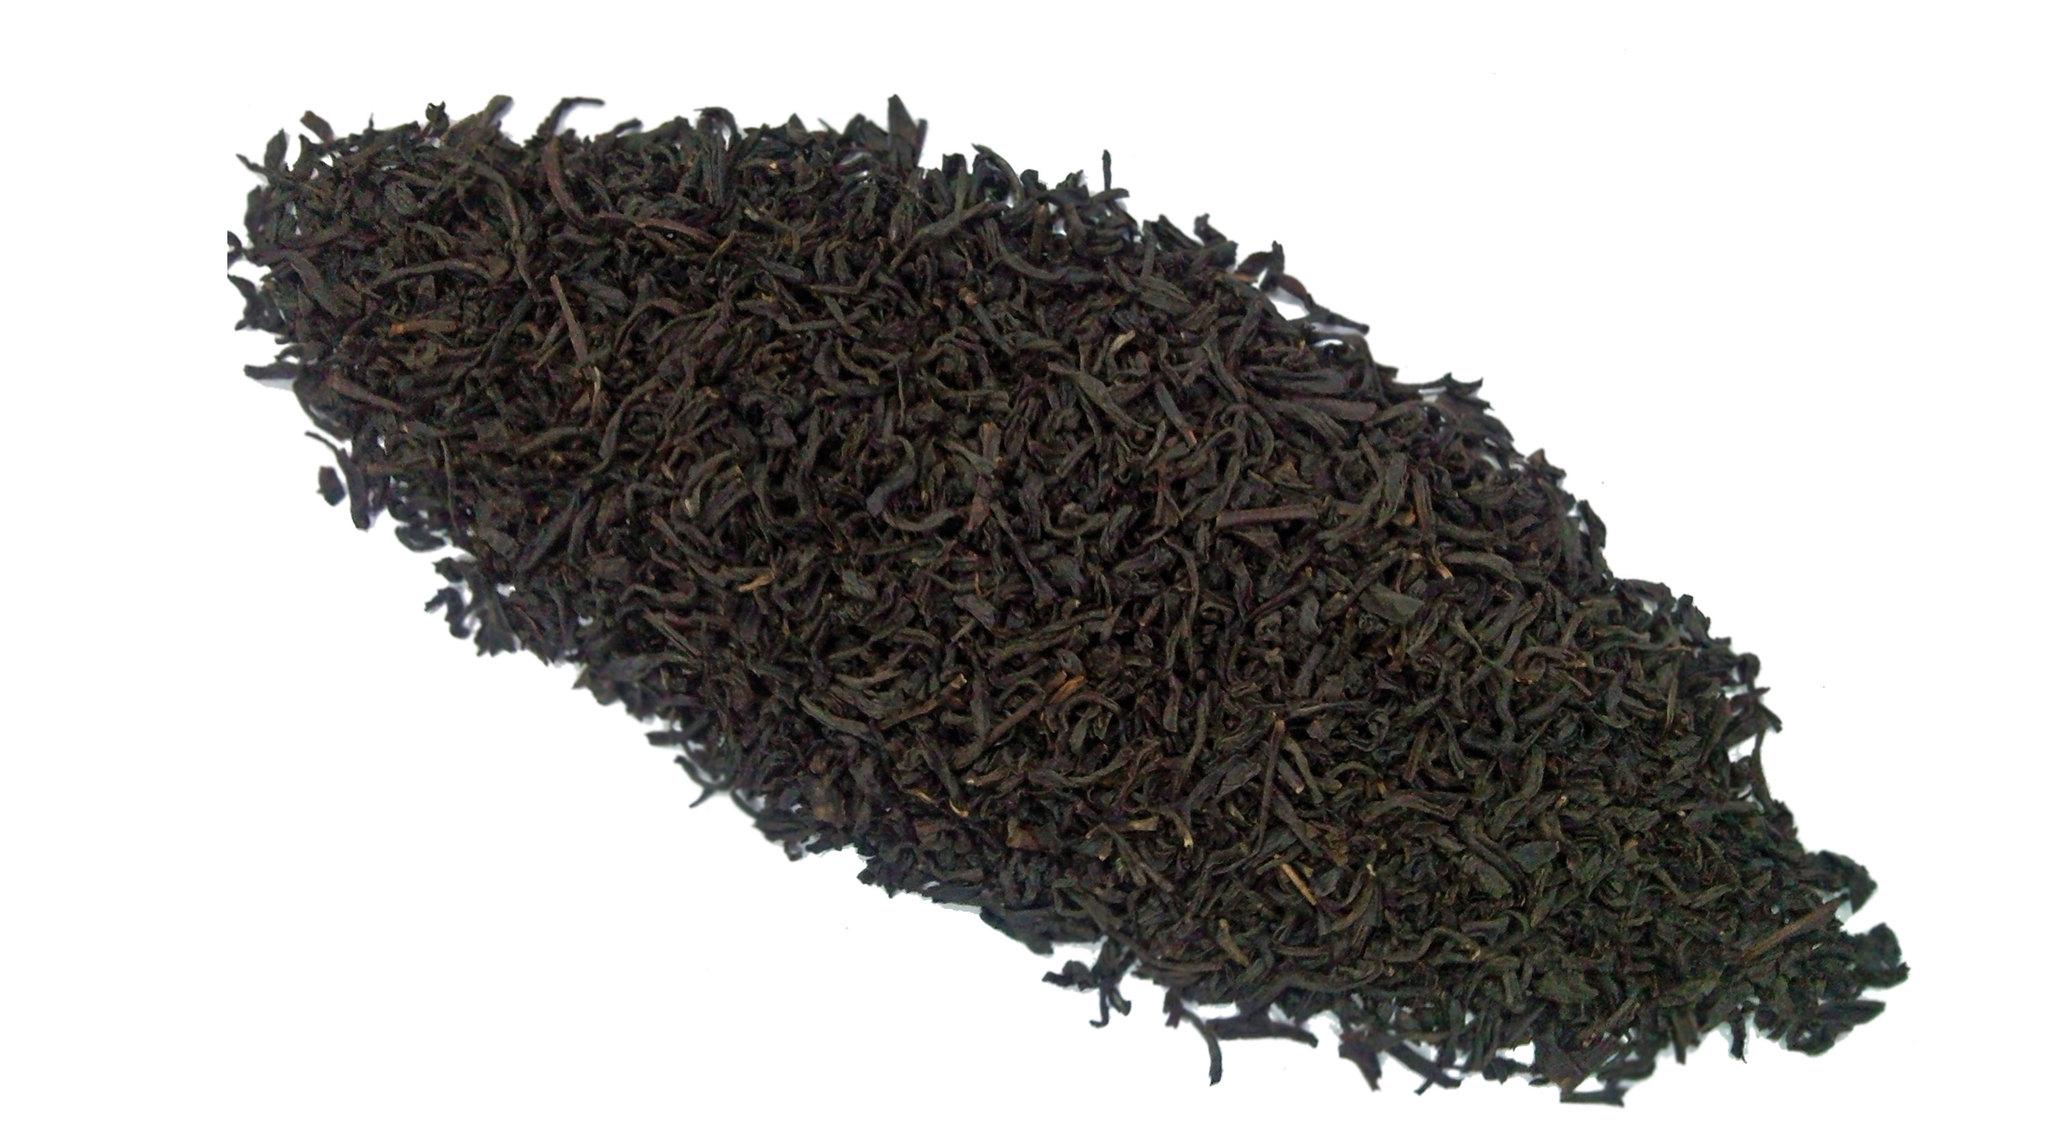 Листовой чай: как выбрать, особенности заваривания